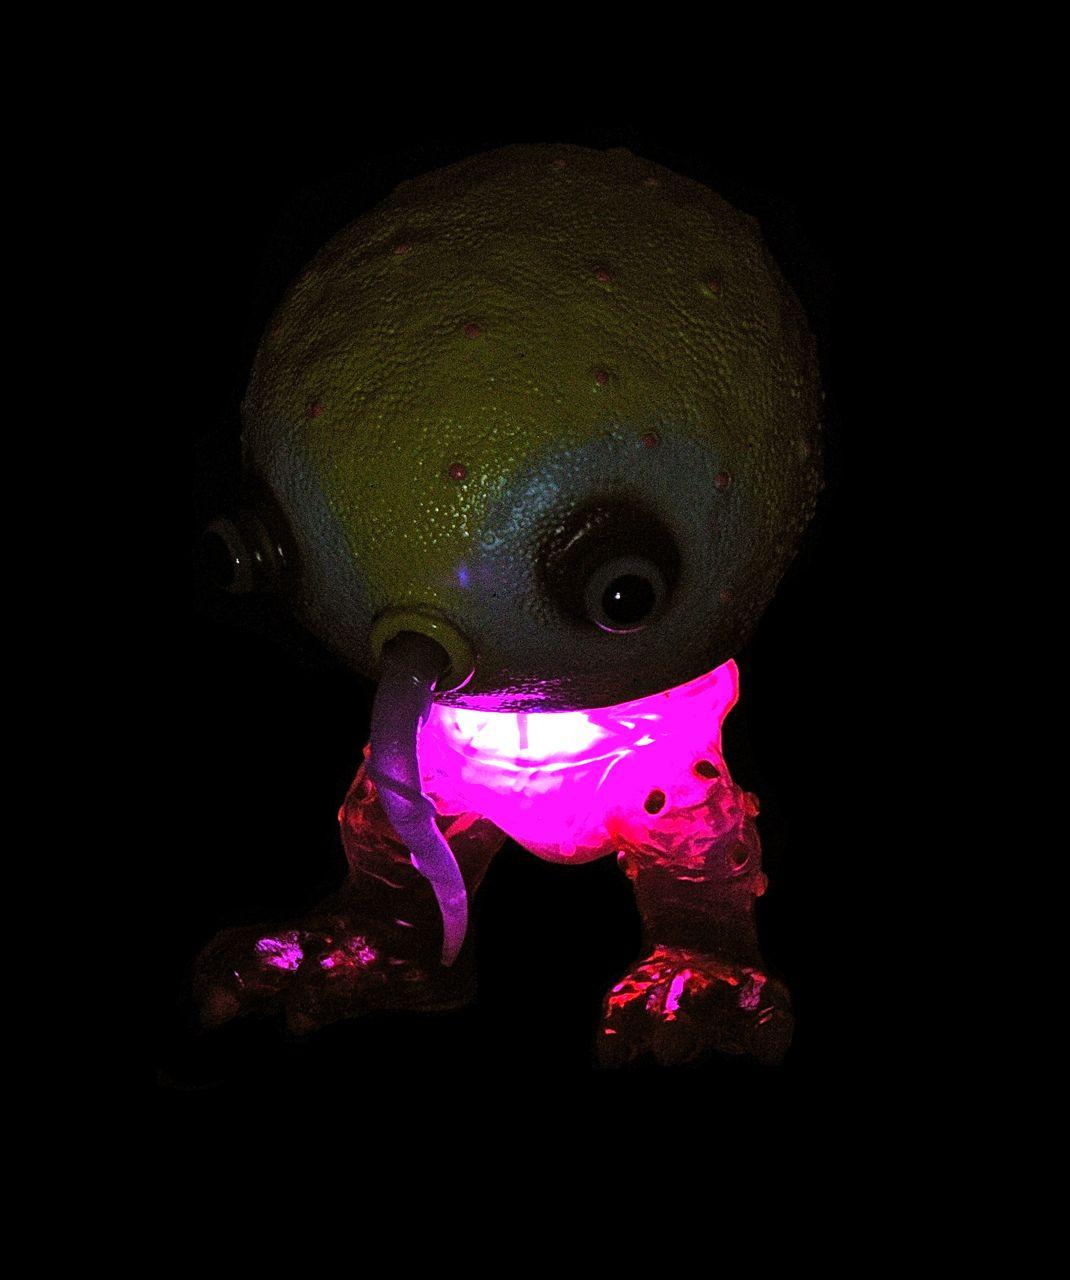 alien_nightgamer_led